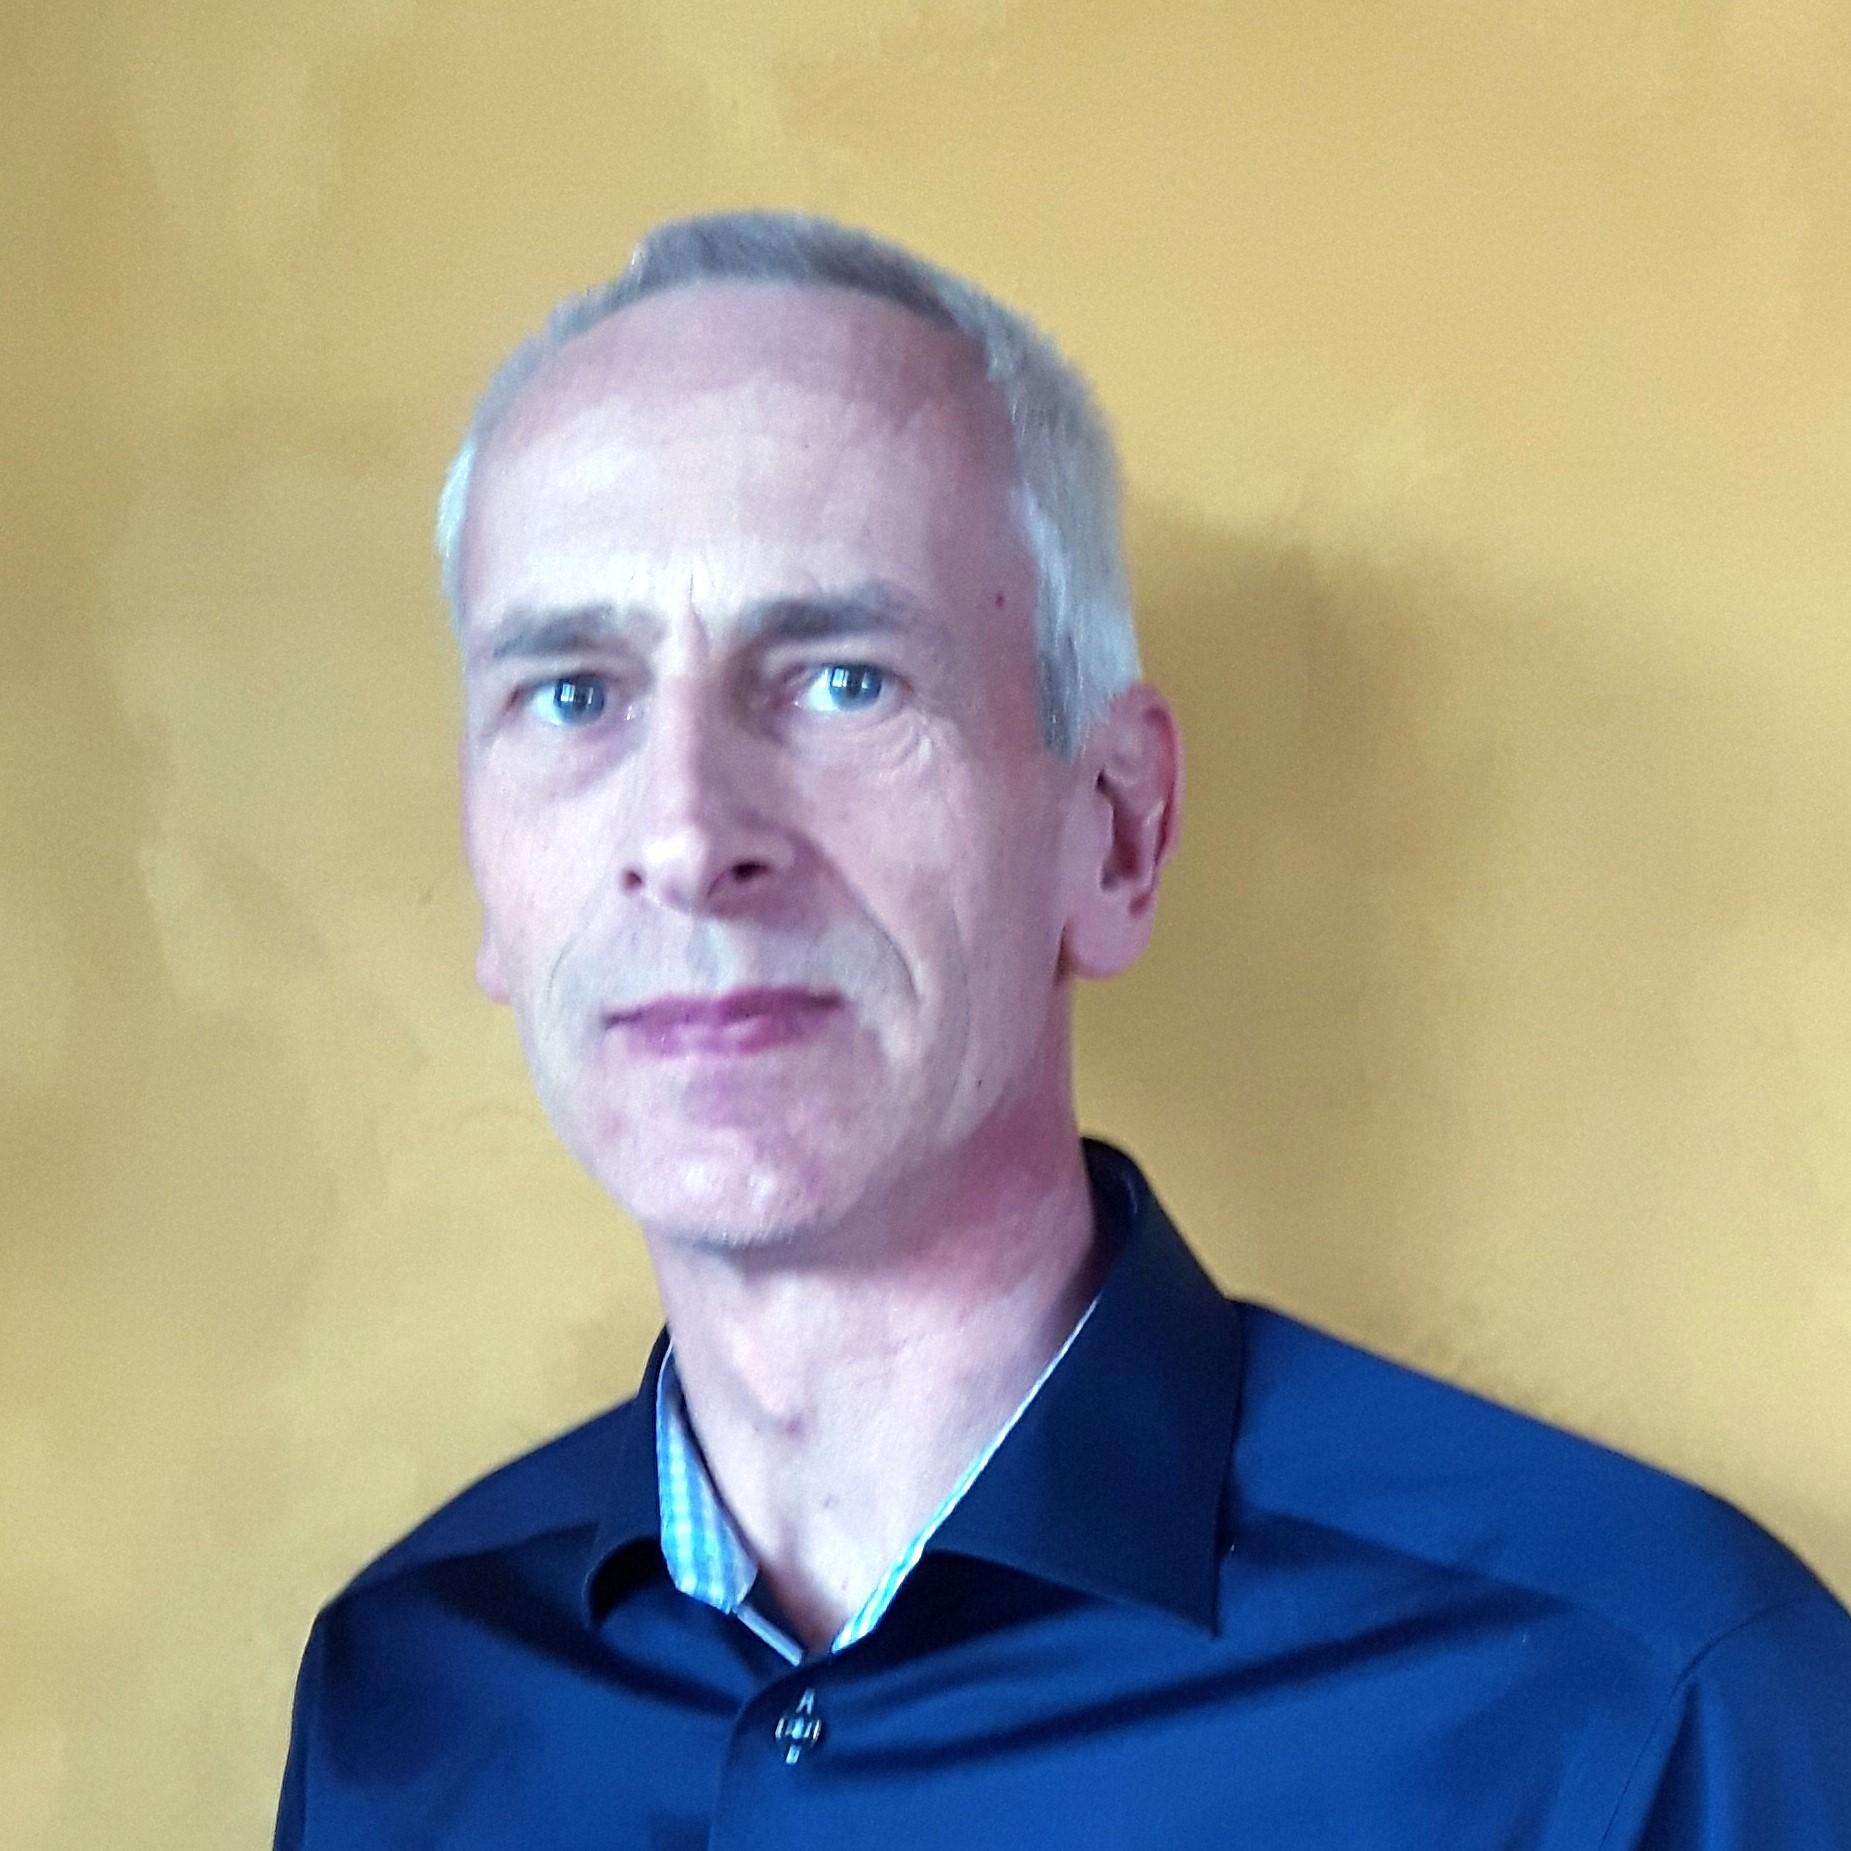 Marc-van-der-Poel